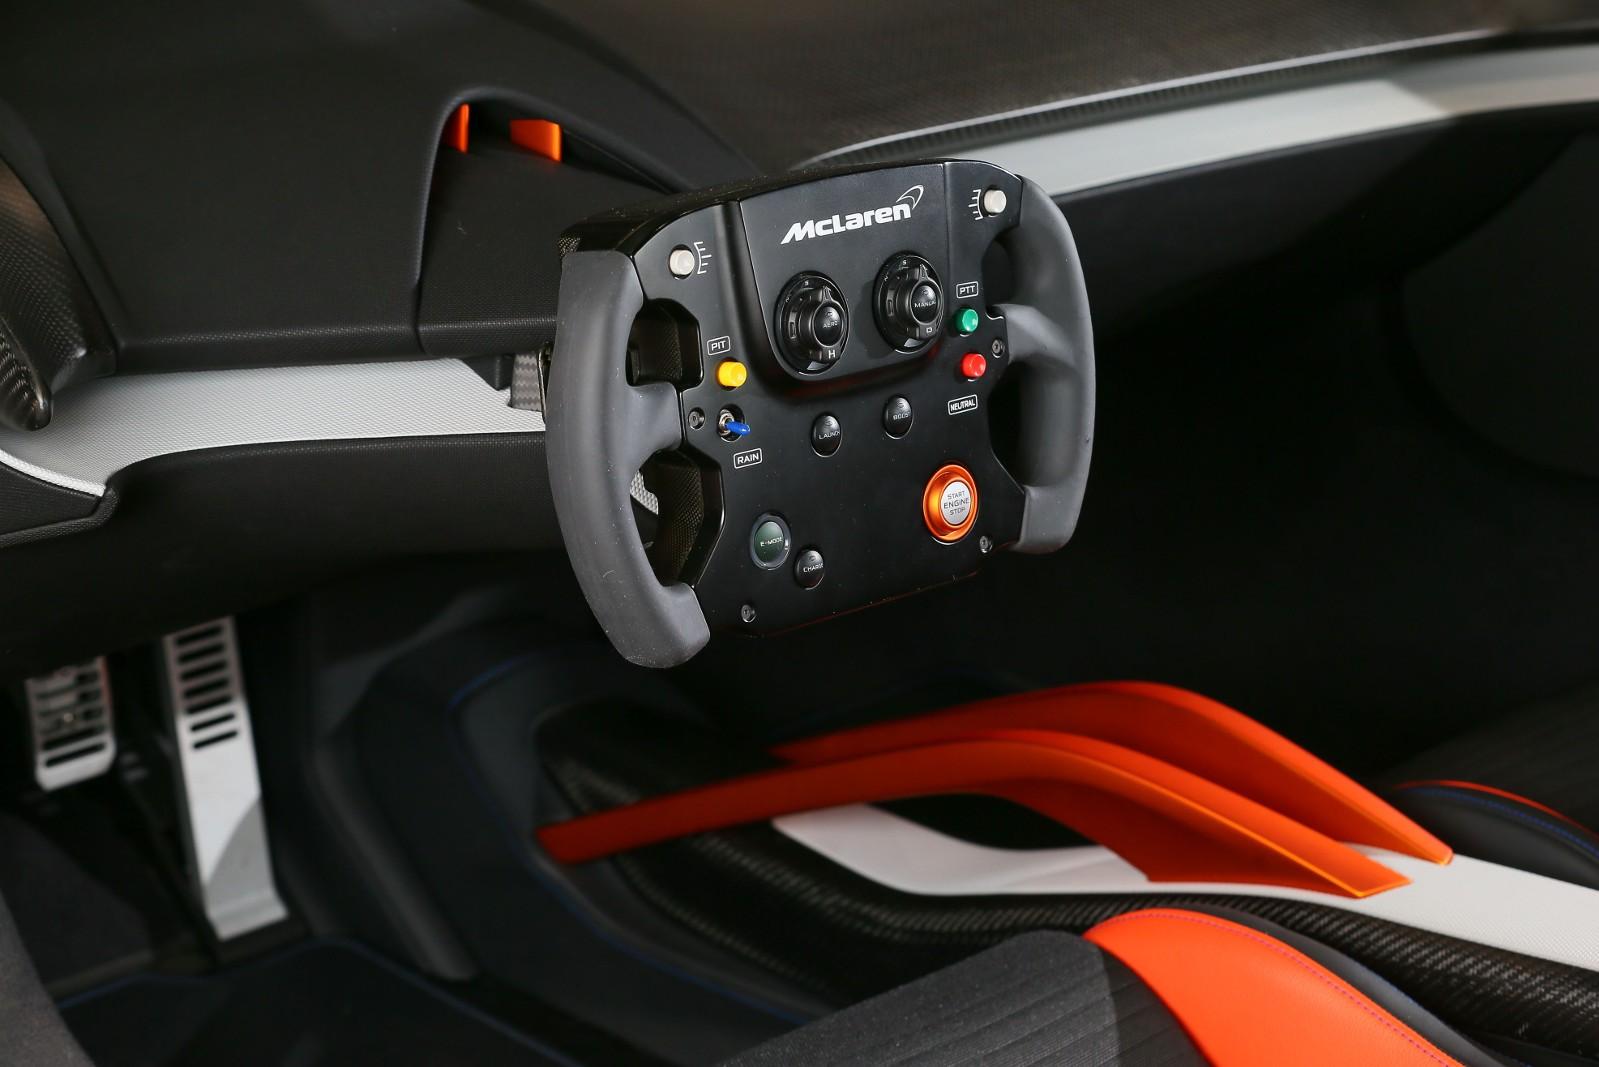 Mclaren 675lt Concept Built With Jvckenwood P1 Gtr Steering Wheel